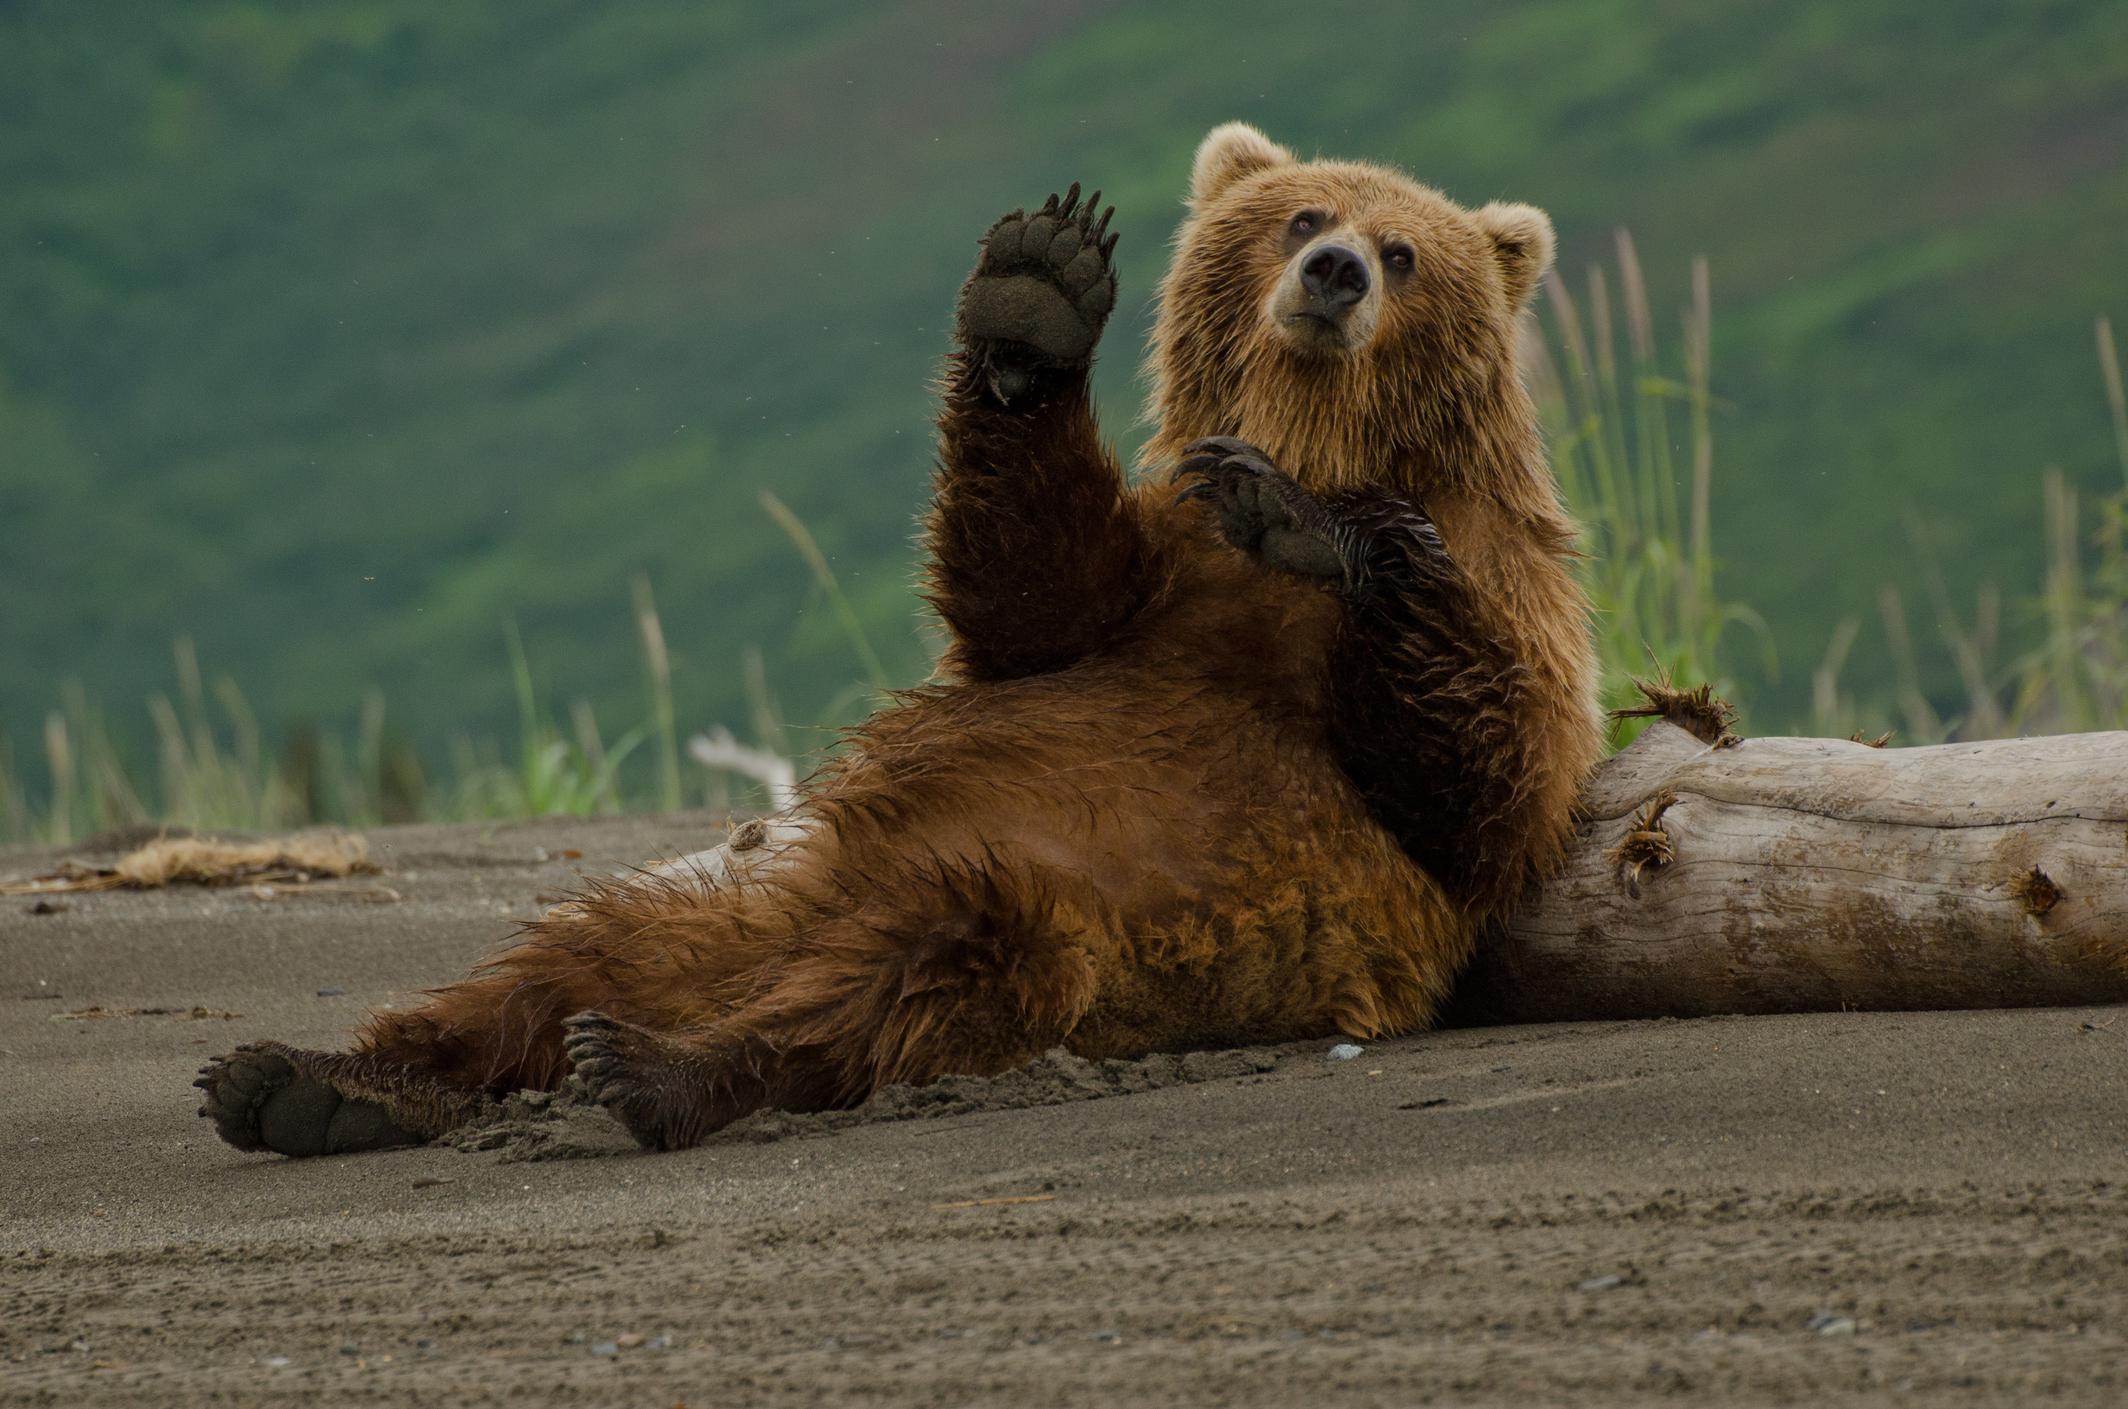 A reclining bear waves at the camera.